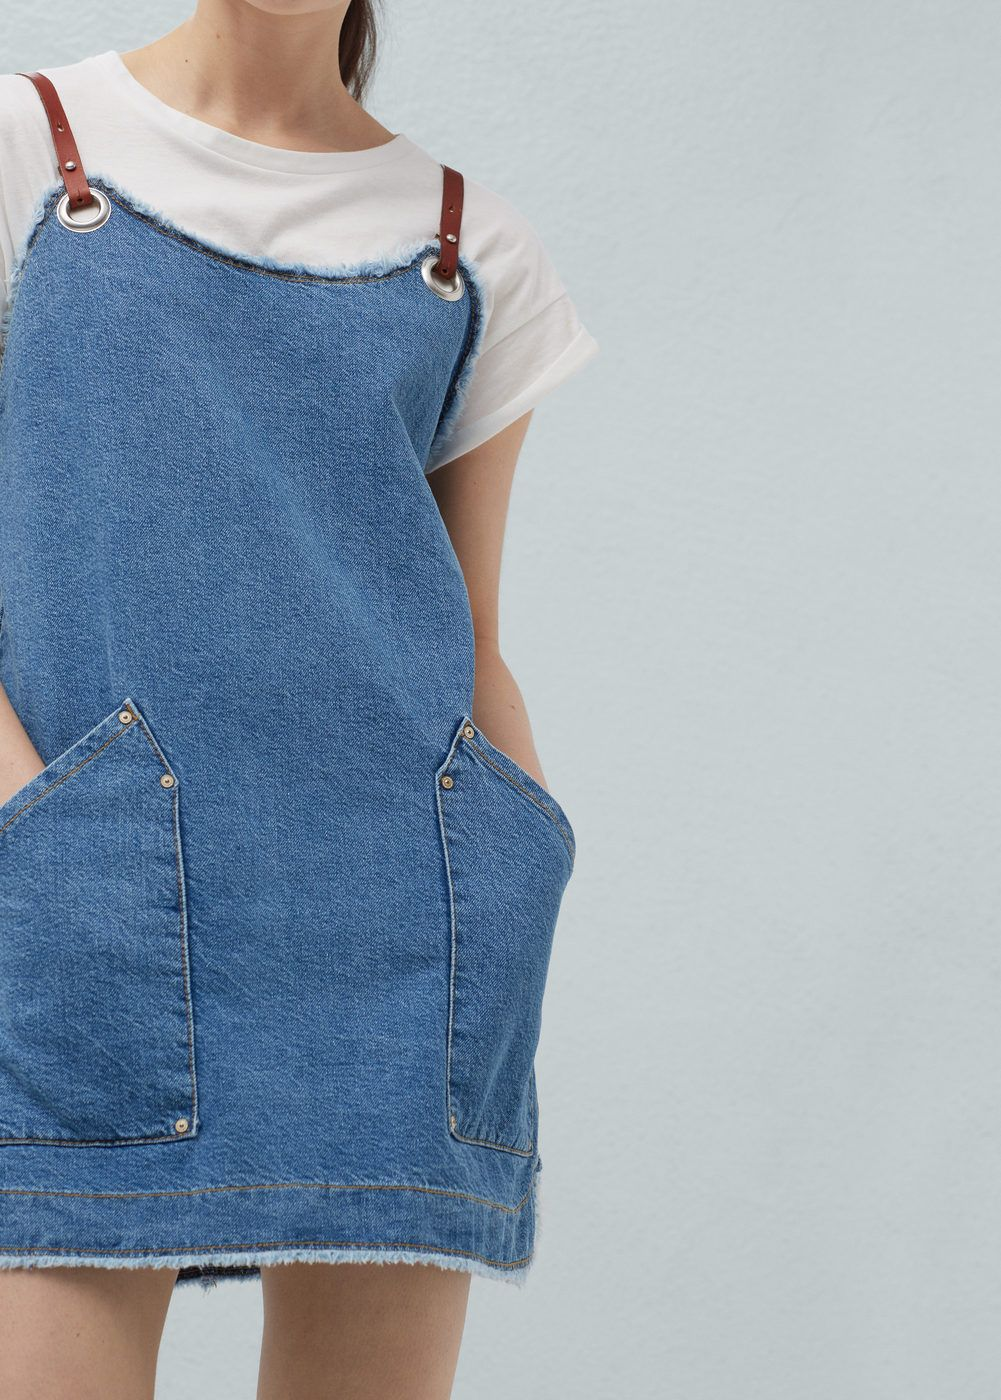 62bf2c1bb562 Vestido denim bolsillos - Mujer   A Me gusta en Pinterest   Vestidos ...